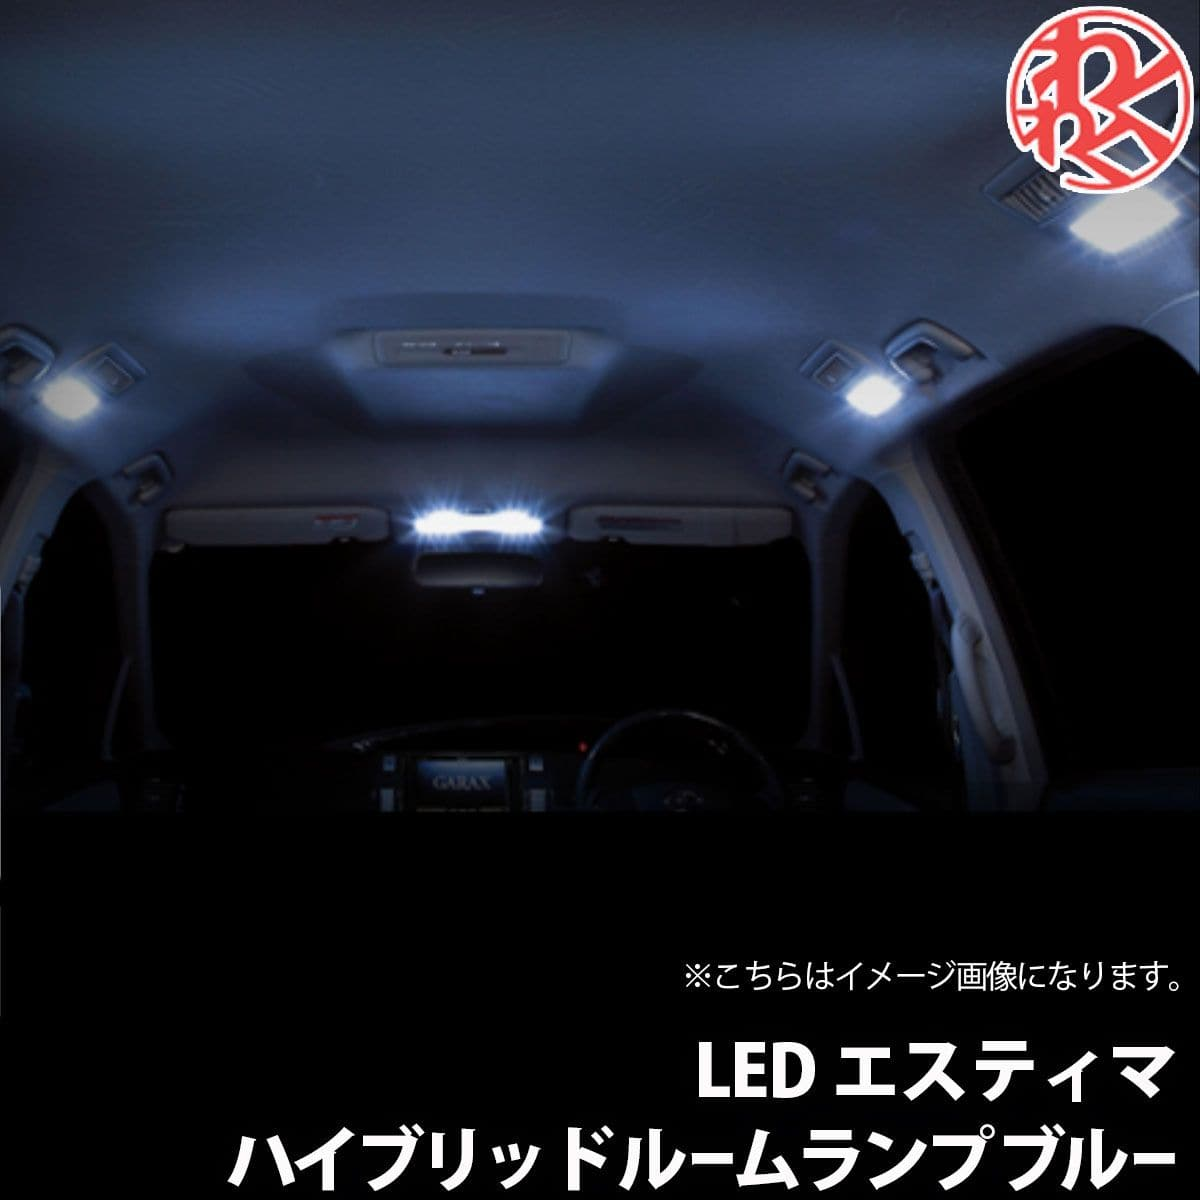 アウトレット品 休み K-SPEC GARAX ギャラクス LED ブルーバージョン 5☆大好評 AHR20W リアルームランプセット エスティマハイブリッド